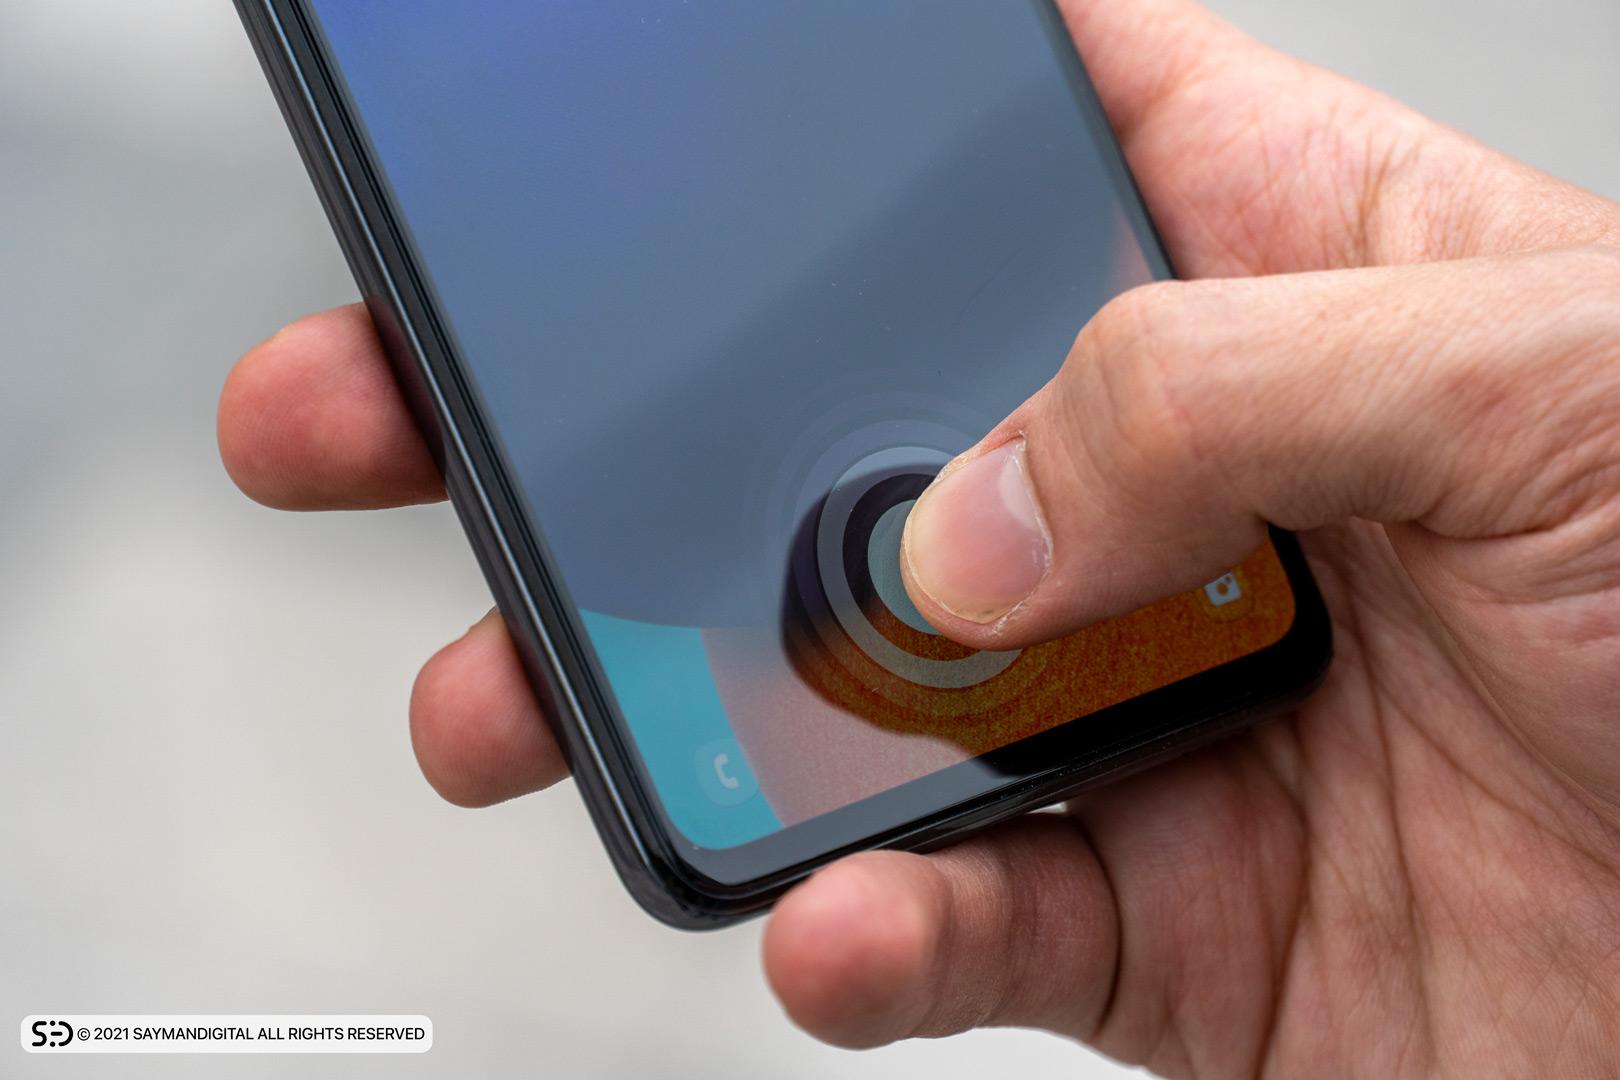 حسگر اثرانگشت زیر نمایشگر در مطلب بررسی Galaxy A52